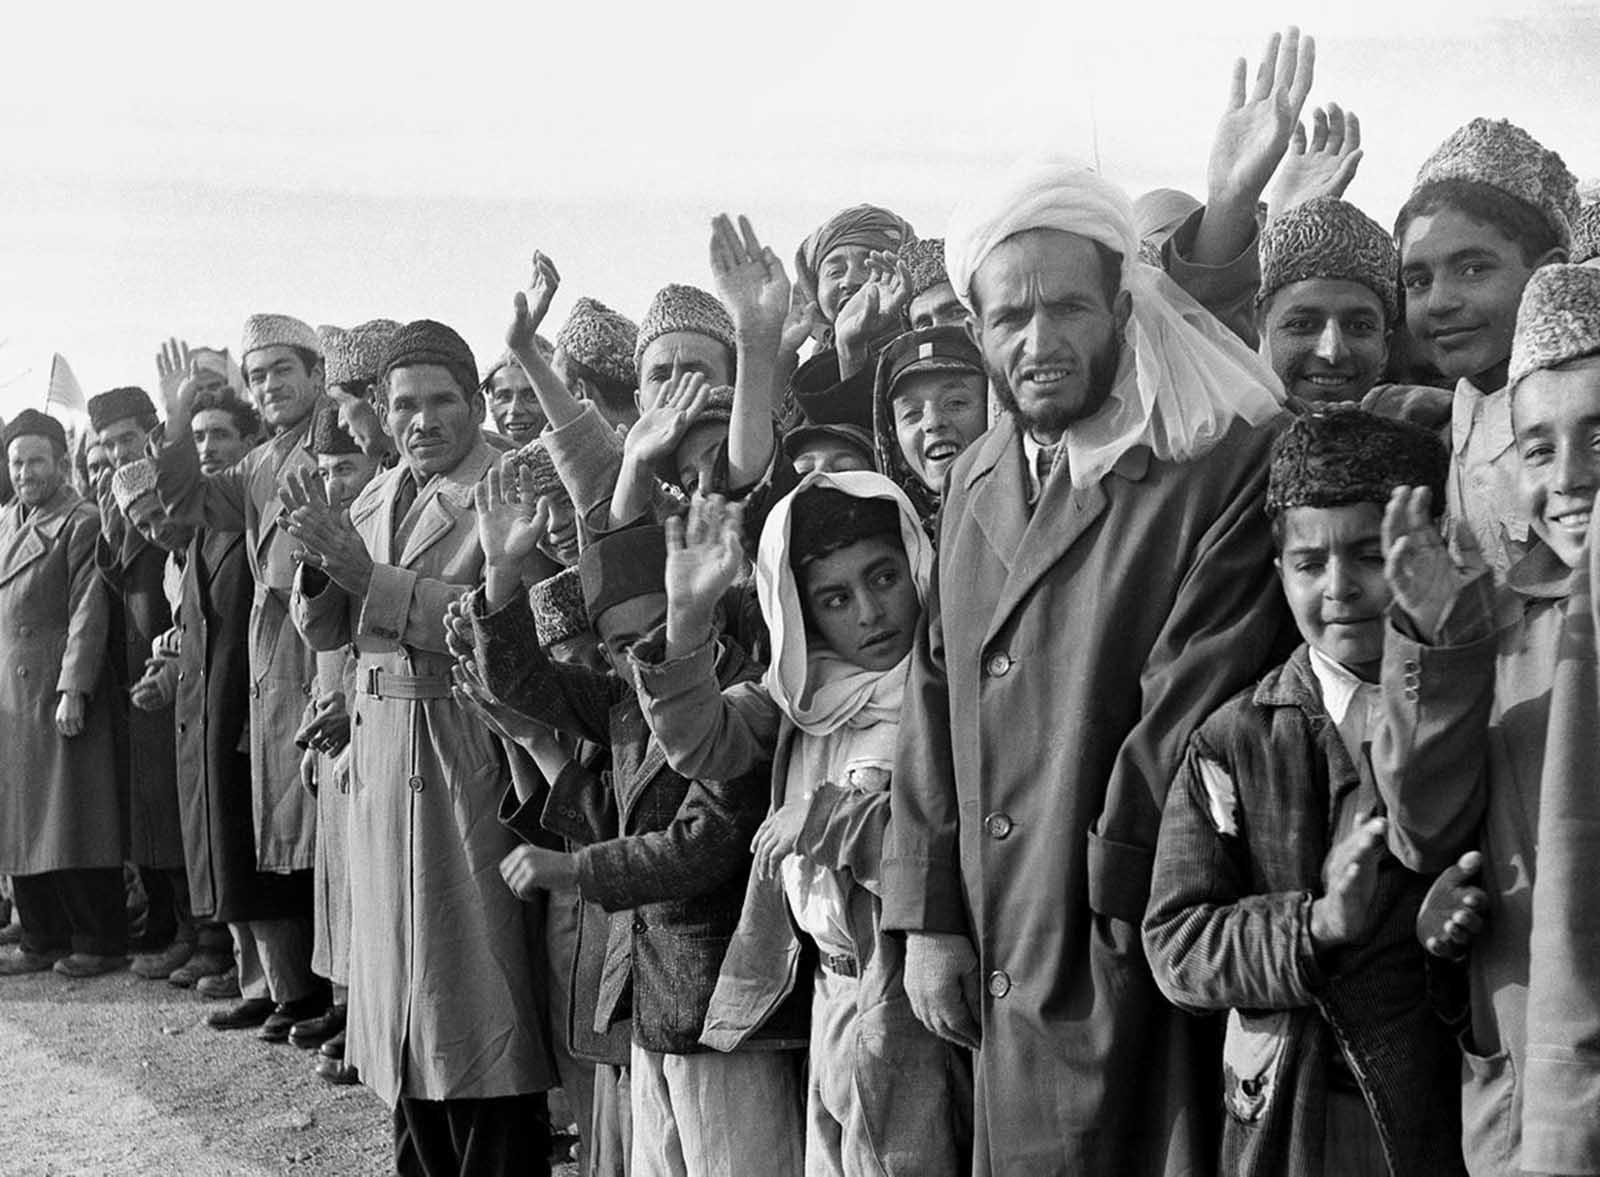 Los residentes de Afganistán se alinean en la ruta de la gira del presidente de los Estados Unidos Dwight Eisenhower en Kabul, Afganistán, el 9 de diciembre de 1959.